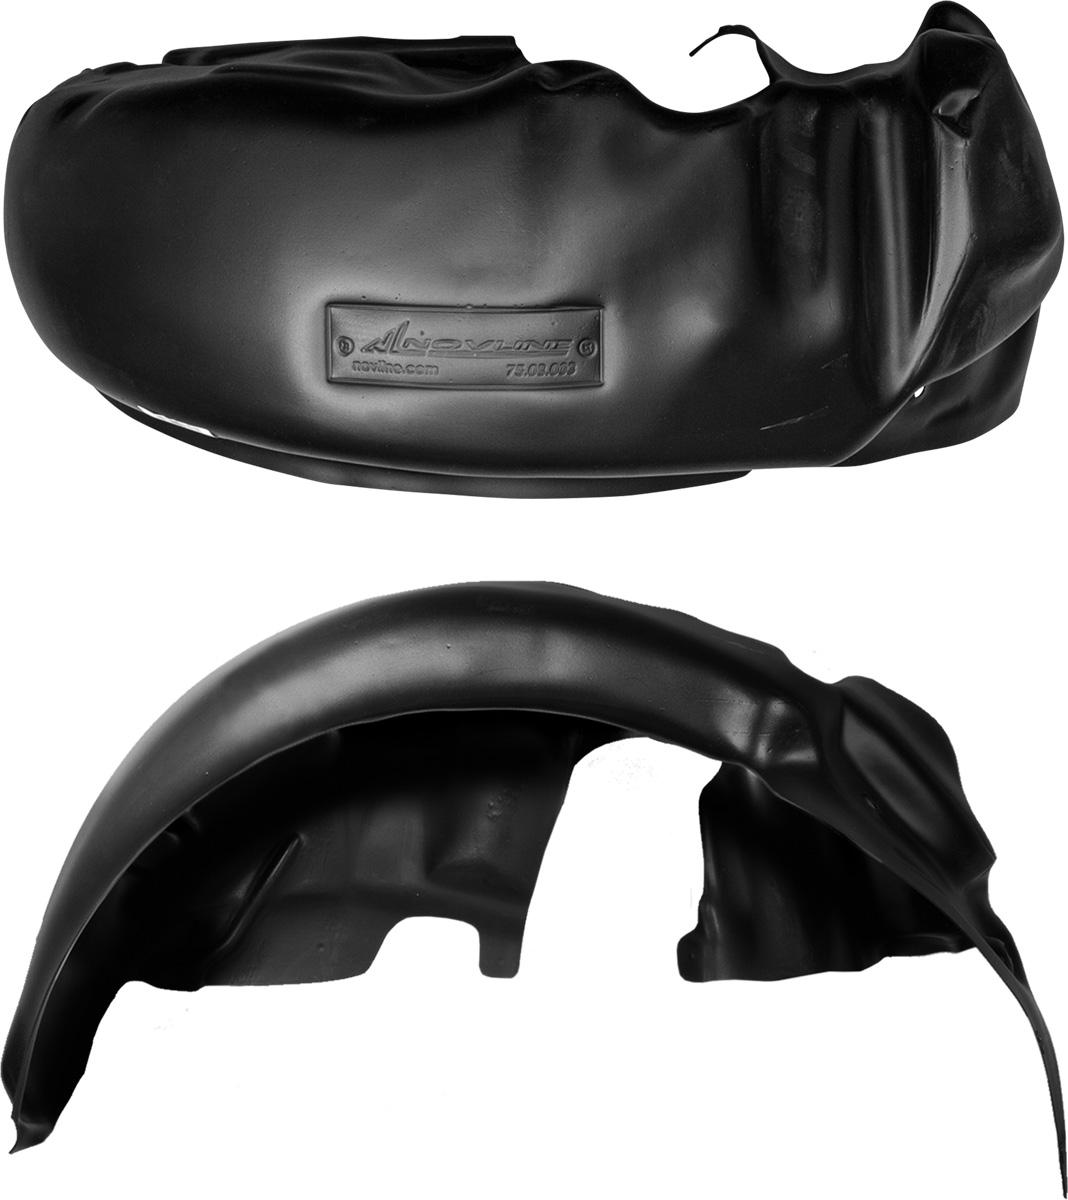 Подкрылок Novline-Autofamily, для Nissan Almera, 2012->, задний правый1004900000360Колесные ниши - одни из самых уязвимых зон днища вашего автомобиля. Они постоянно подвергаются воздействию со стороны дороги. Лучшая, почти абсолютная защита для них - специально отформованные пластиковые кожухи, которые называются подкрылками. Производятся они как для отечественных моделей автомобилей, так и для иномарок. Подкрылки Novline-Autofamily выполнены из высококачественного, экологически чистого пластика. Обеспечивают надежную защиту кузова автомобиля от пескоструйного эффекта и негативного влияния, агрессивных антигололедных реагентов. Пластик обладает более низкой теплопроводностью, чем металл, поэтому в зимний период эксплуатации использование пластиковых подкрылков позволяет лучше защитить колесные ниши от налипания снега и образования наледи. Оригинальность конструкции подчеркивает элегантность автомобиля, бережно защищает нанесенное на днище кузова антикоррозийное покрытие и позволяет осуществить крепление подкрылков внутри колесной арки практически без дополнительного крепежа и сверления, не нарушая при этом лакокрасочного покрытия, что предотвращает возникновение новых очагов коррозии. Подкрылки долговечны, обладают высокой прочностью и сохраняют заданную форму, а также все свои физико-механические характеристики в самых тяжелых климатических условиях (от -50°С до +50°С).Уважаемые клиенты!Обращаем ваше внимание, на тот факт, что подкрылок имеет форму, соответствующую модели данного автомобиля. Фото служит для визуального восприятия товара.